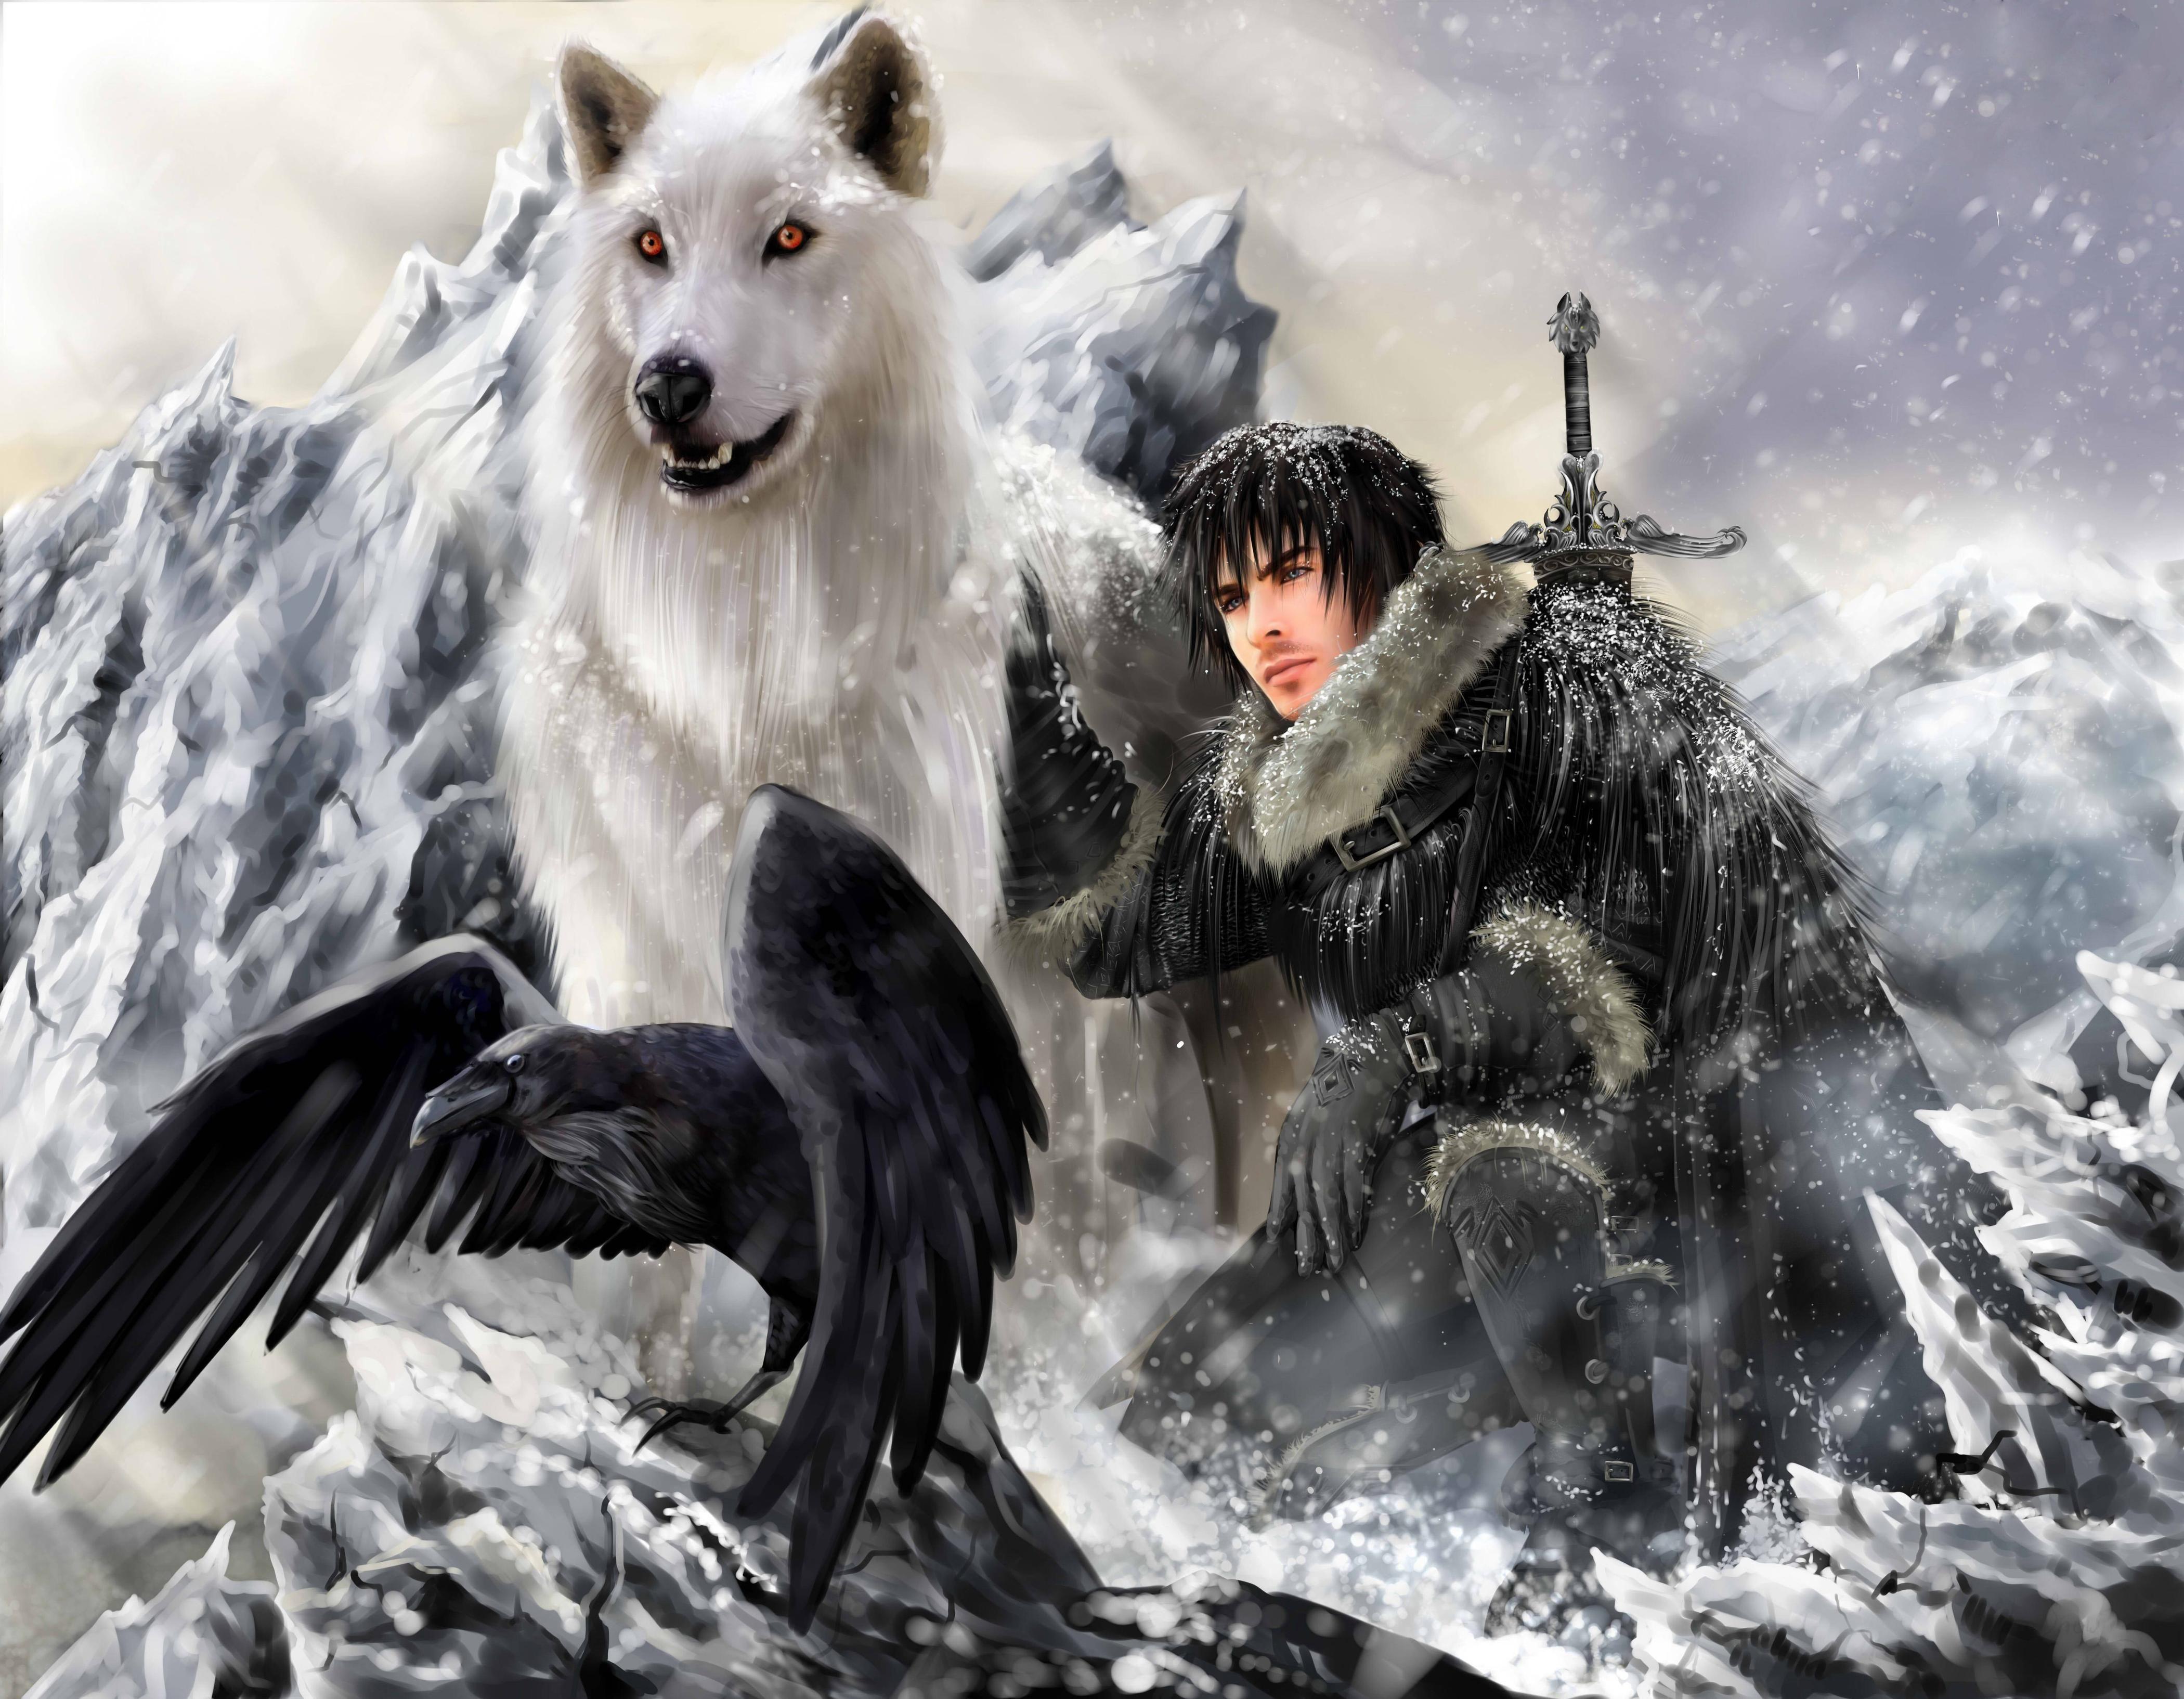 Download wallpaper fantasy, wolf, Warrior, raven free